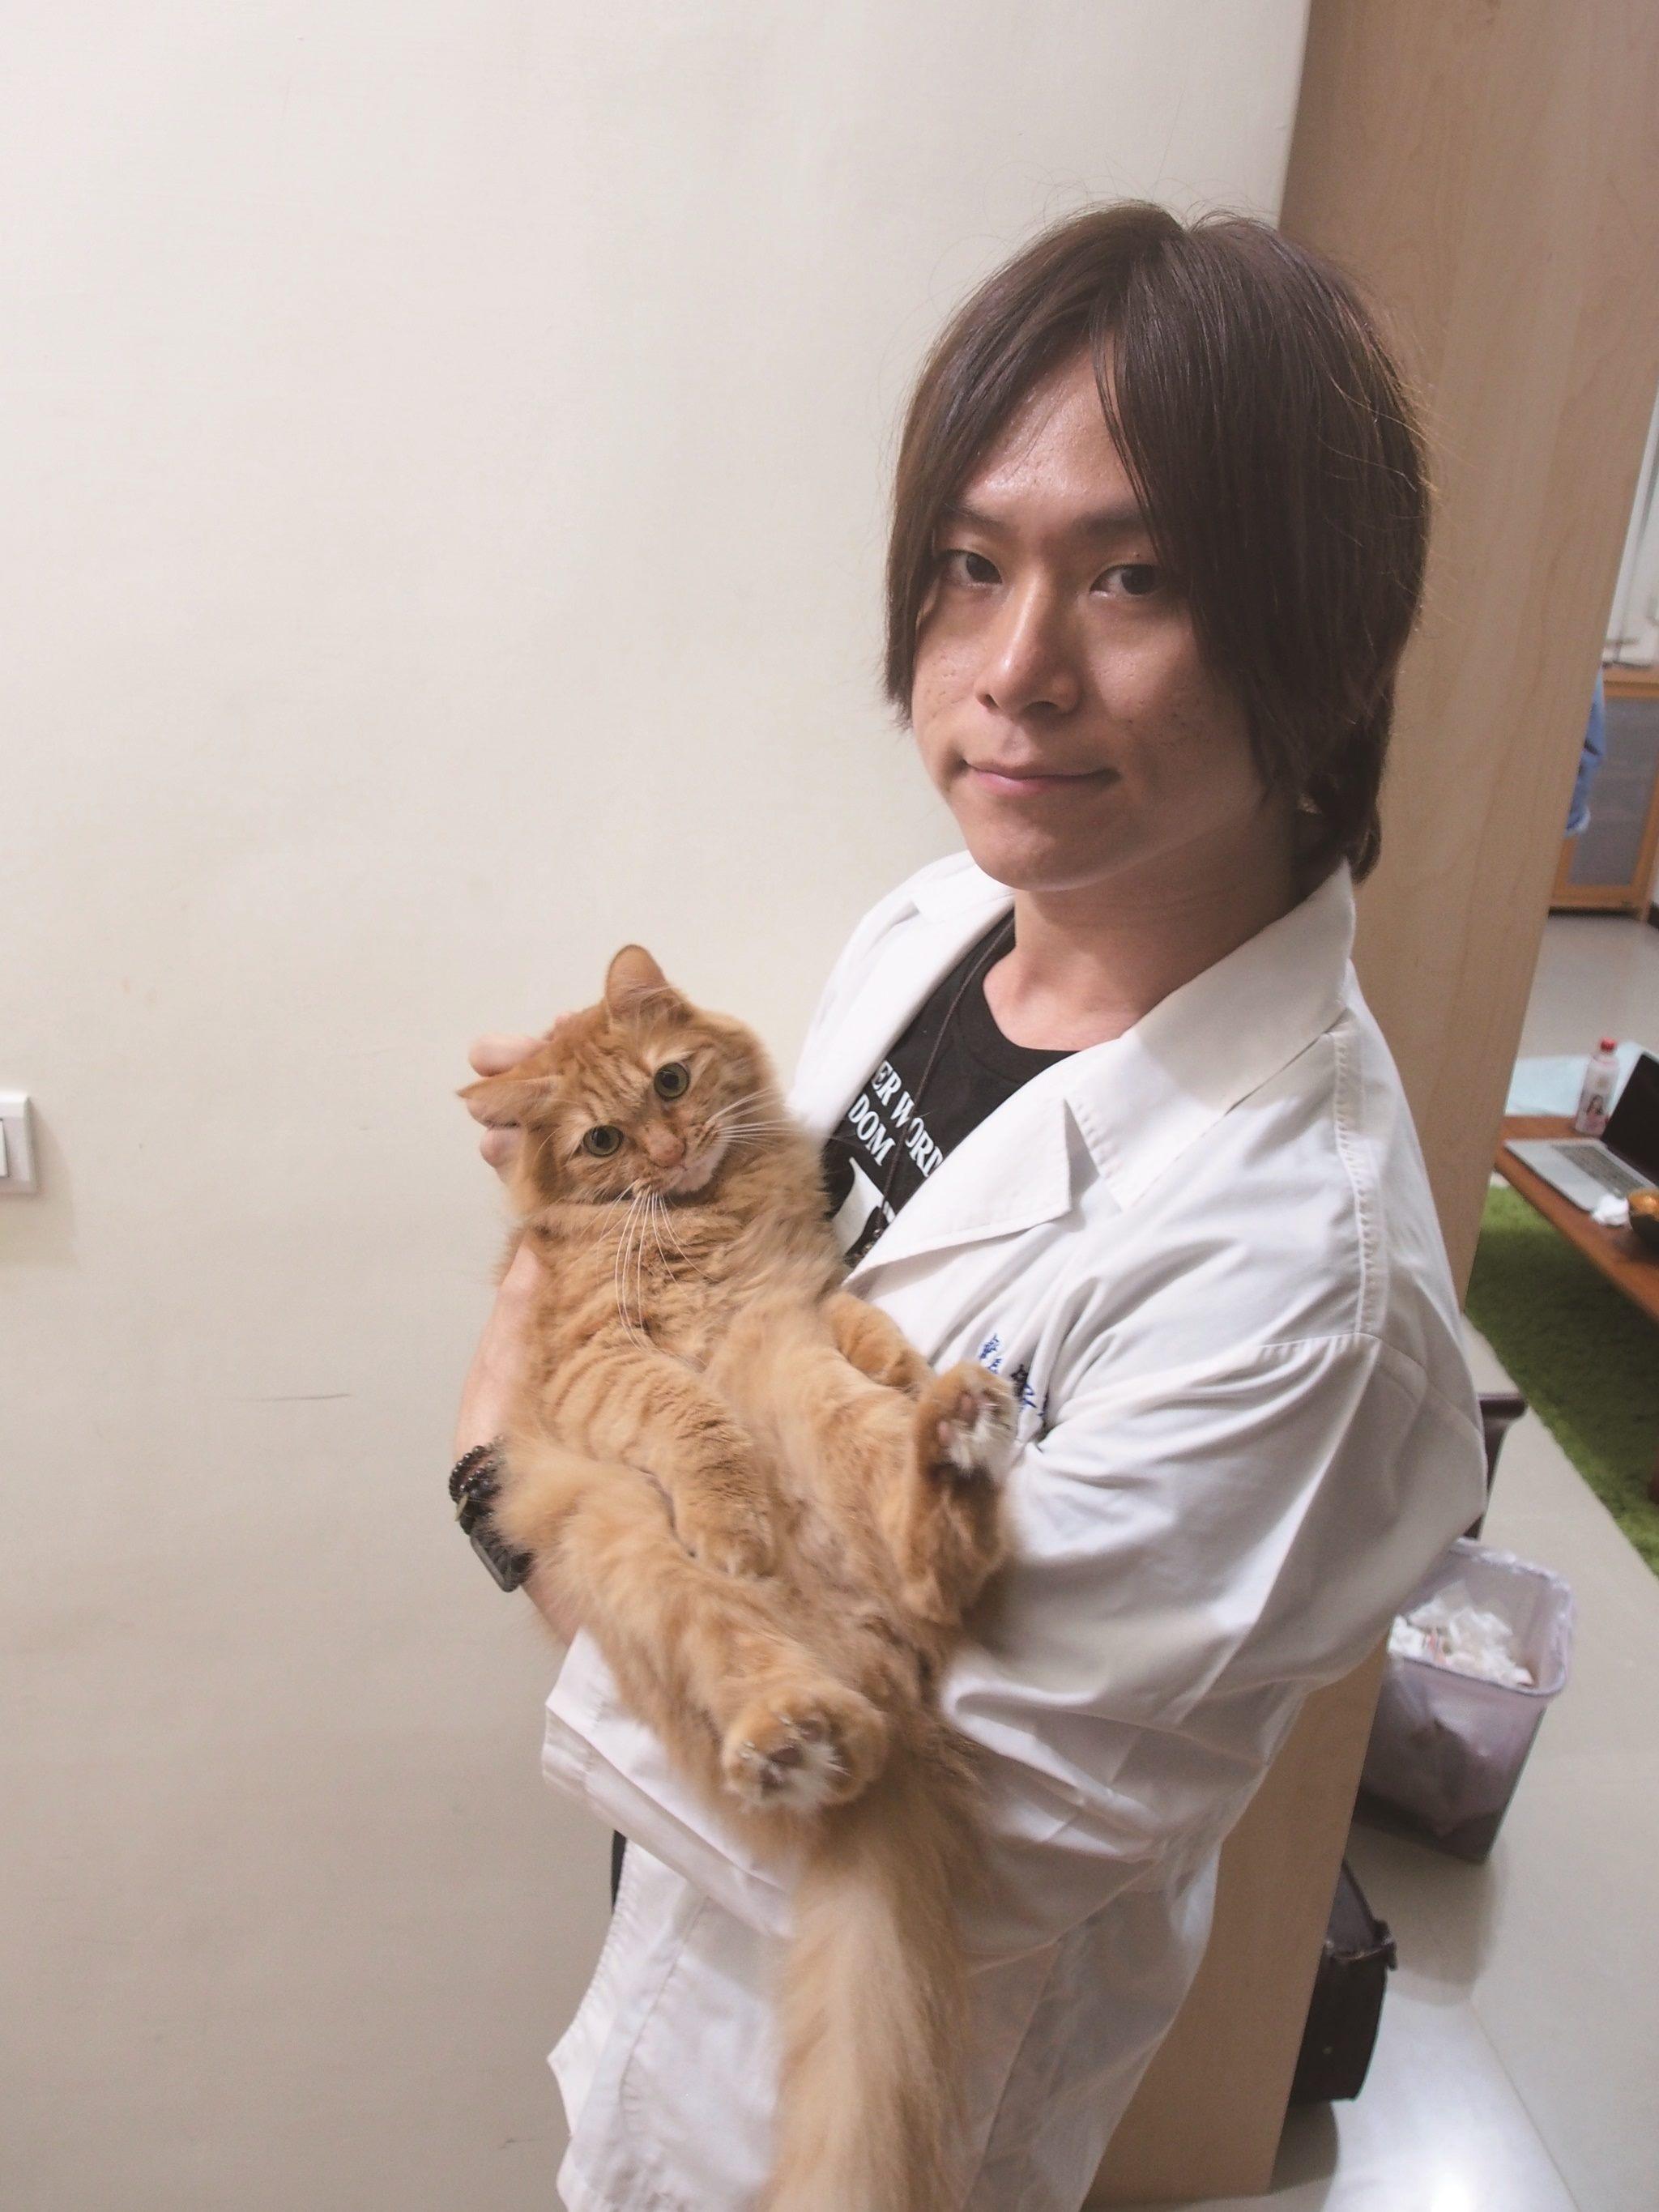 貓咪行為學專家林子軒獸醫師在貓犬學校貓咪課程中教導學員如何更懂貓咪。(林子軒提供)